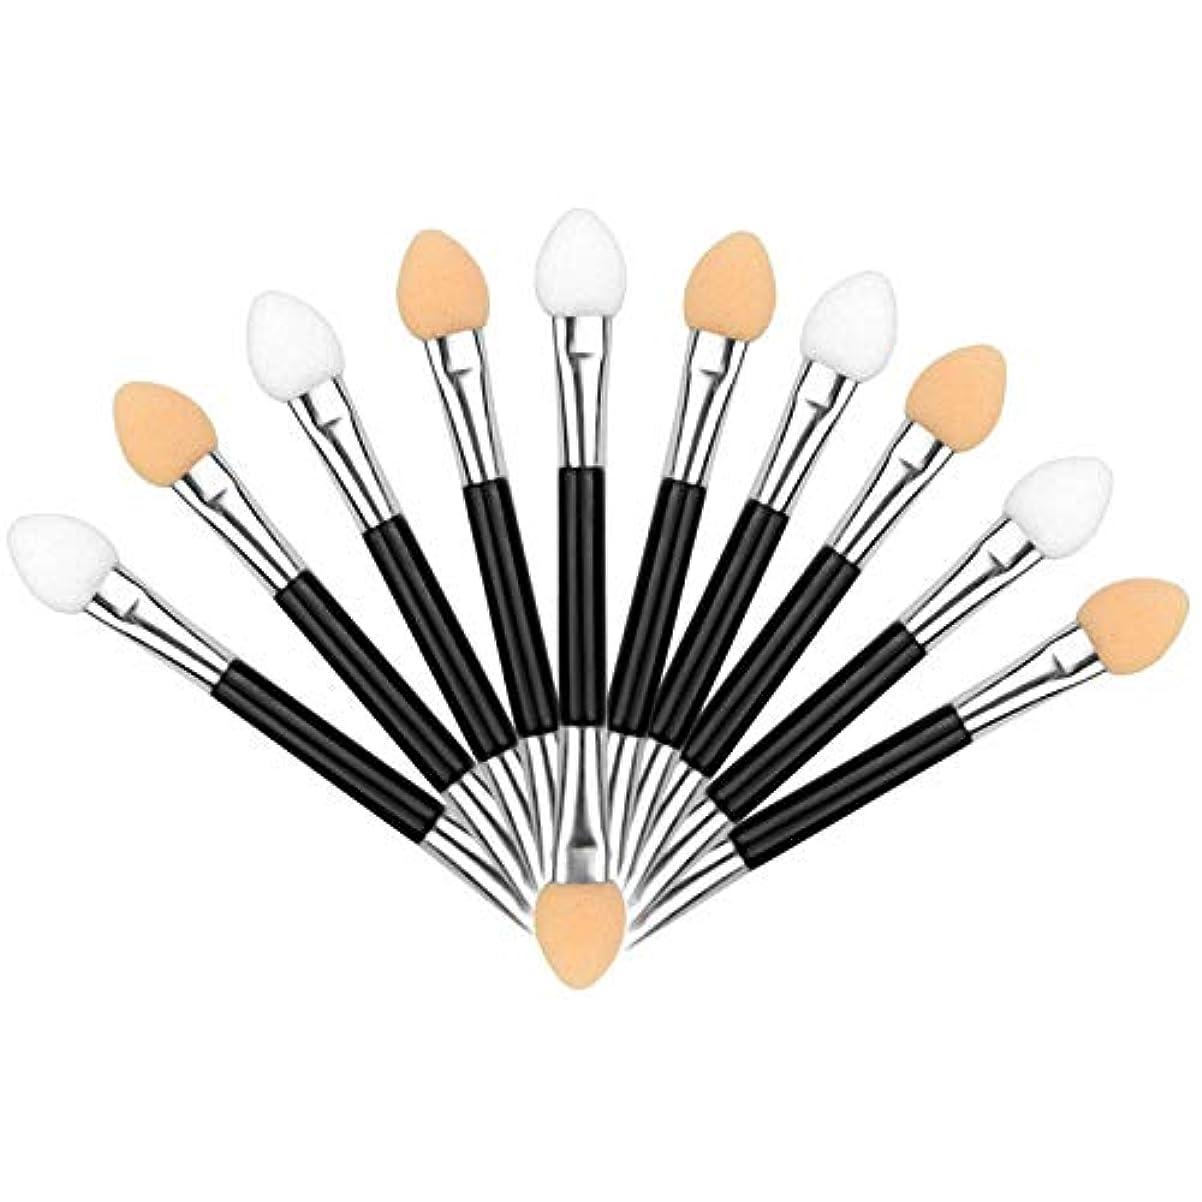 定刻中止します北米アイシャドウブラシ 10本ダブル 化粧ツール アイシャドウスポンジ シリコンチップ 人気 化粧筆 ダブル メイクブラシ 上質なメイクブラシで魅力的な目元を